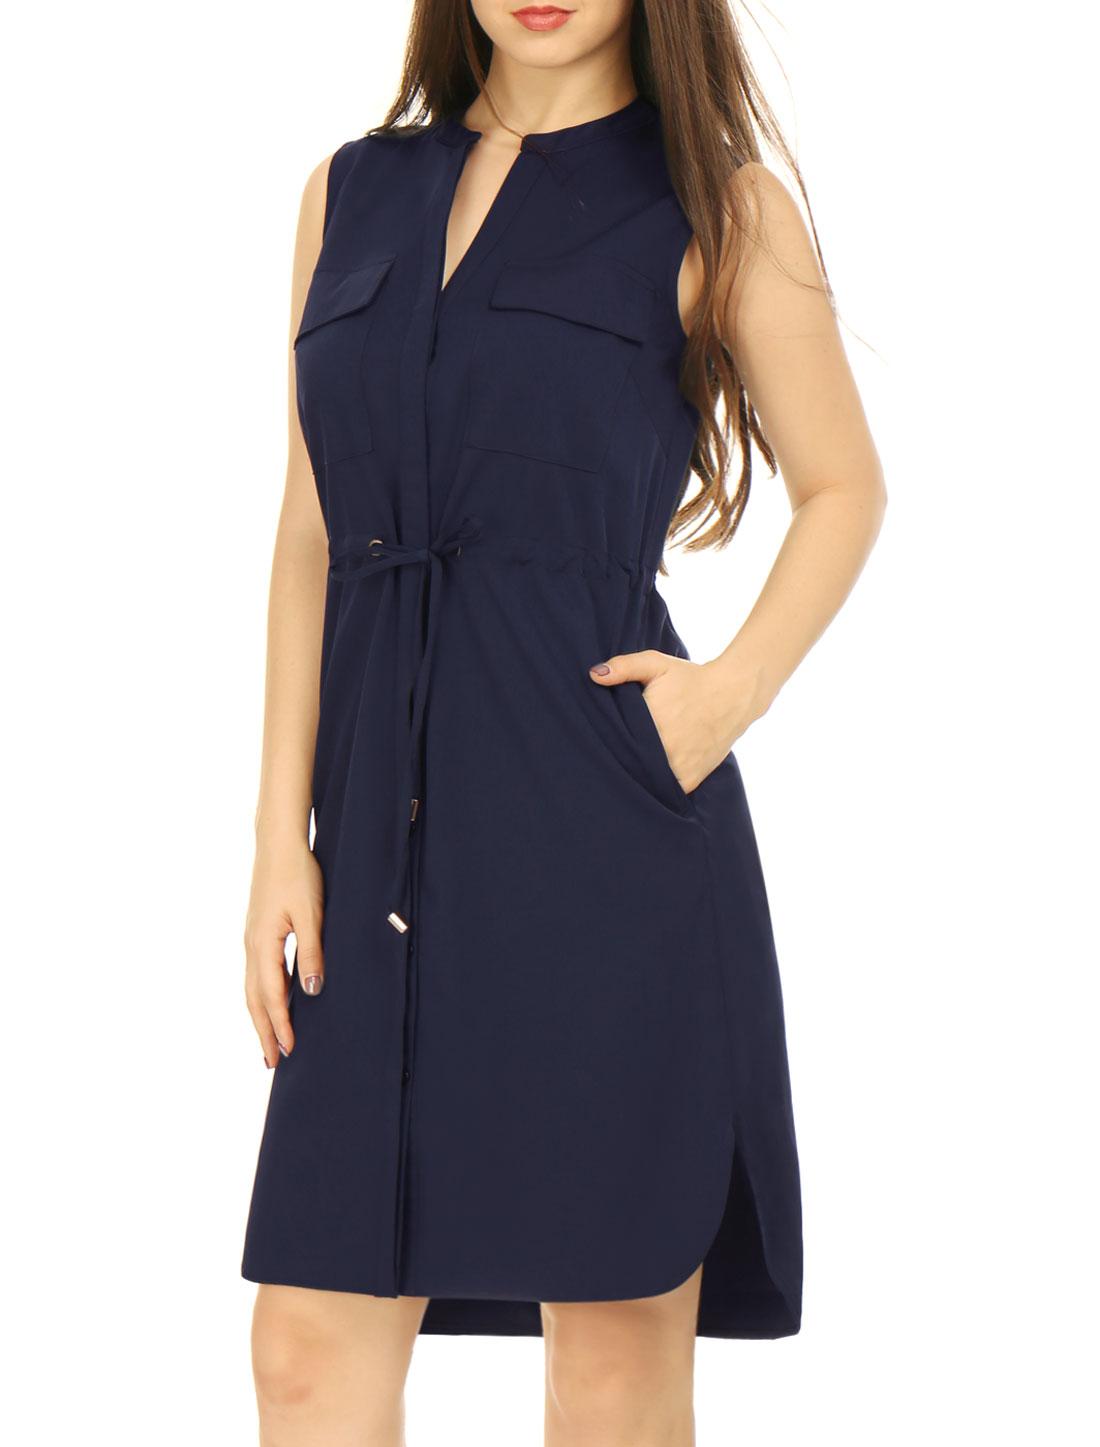 Allegra K Woman Drawstring Waist Sleeveless Above Knee Dress Navy Blue XS